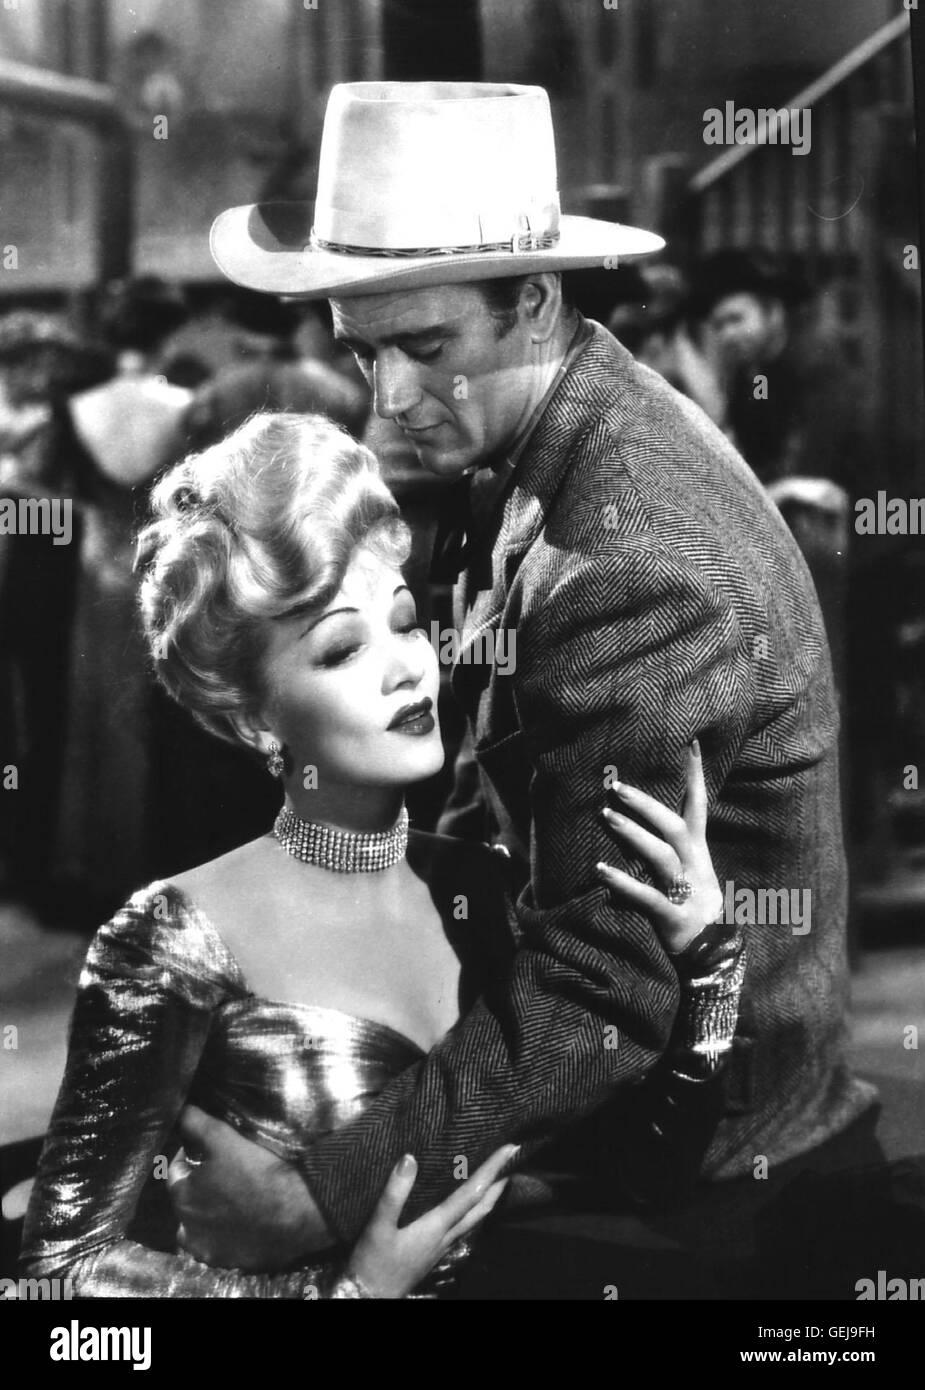 John Wayne, Marlene Dietrich Goldgraeber Roy Glennister (John Wayne) muss um die Rechte un senneur Goldmine vor Gericht kaempfen. Dabei wird er und schliesslich hintergangen Gefaengnis landet im. Cherry Malotte Bardame (Marlene Dietrich) ihm helfen. * Banque D'Images